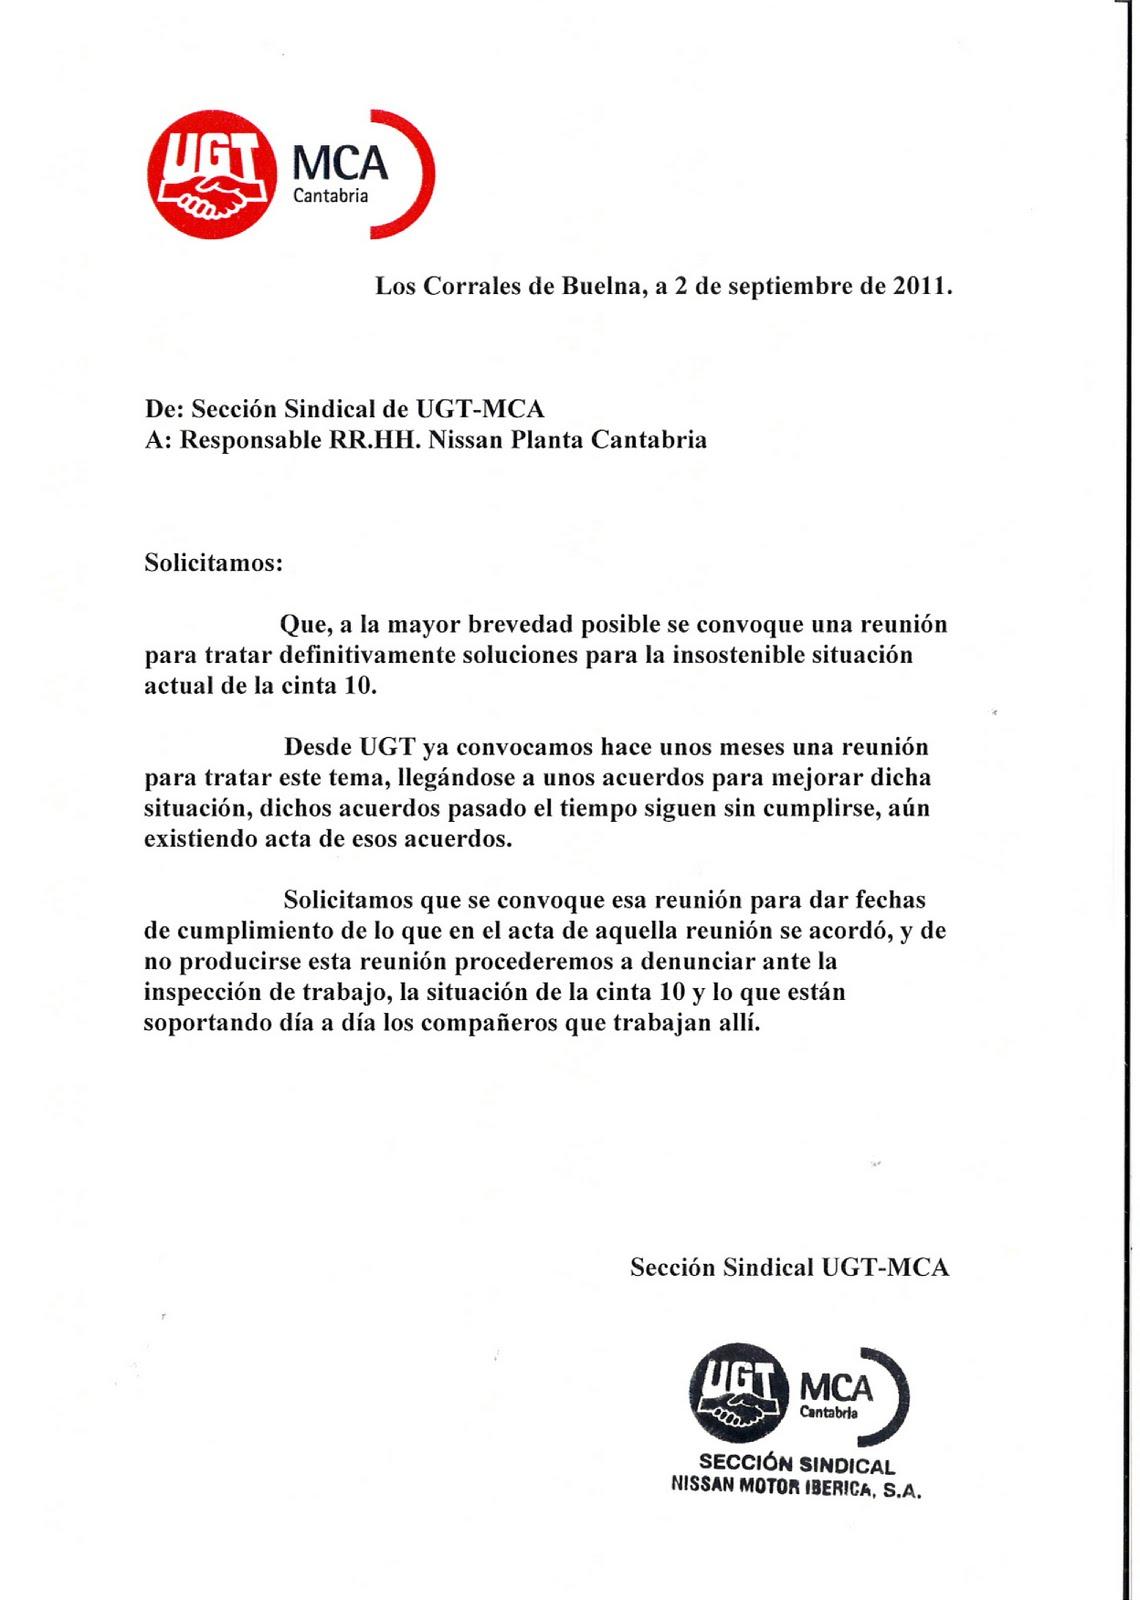 S. S. UGT NISSAN: SOLICITUD DE REUNION PARA TRATAR